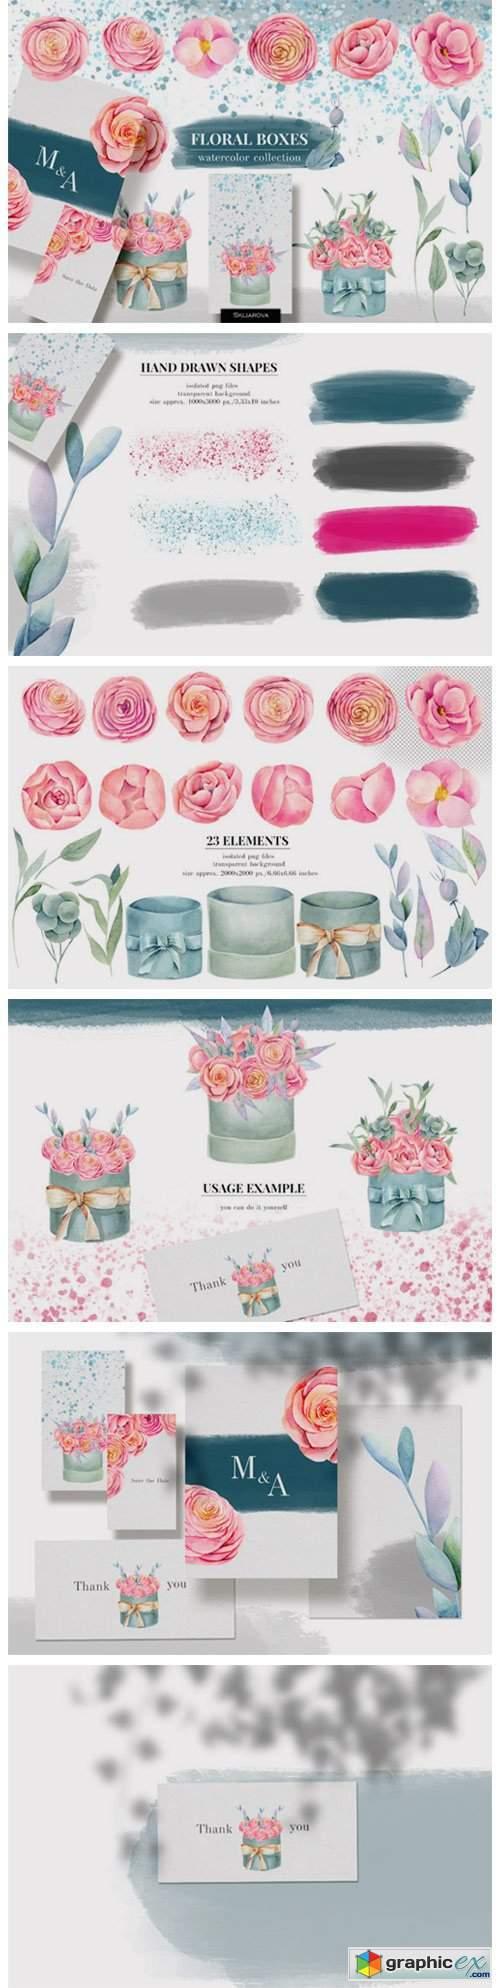 Floral Boxes. Watercolor Floral Elements